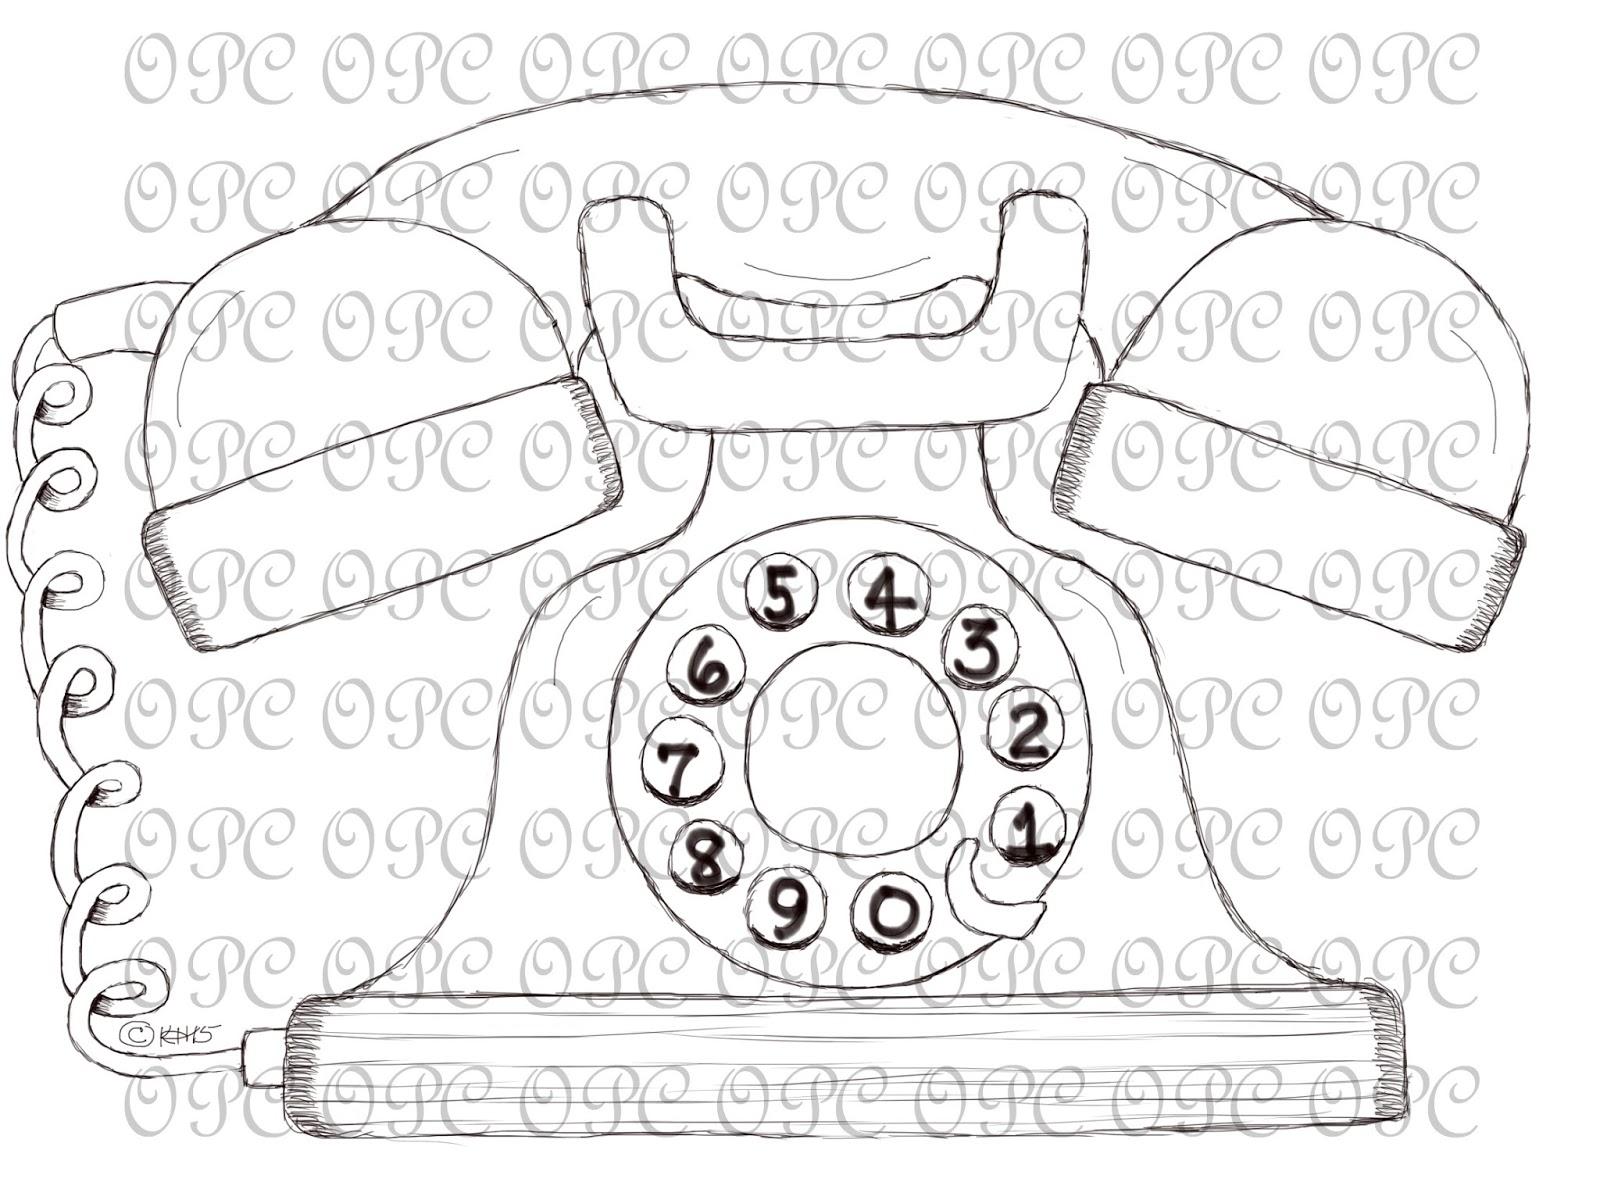 http://2.bp.blogspot.com/-ytSPCTyk85s/VM9VHO54vvI/AAAAAAAACoA/odmU_9NLXK0/s1600/CROPCTelephone.jpg